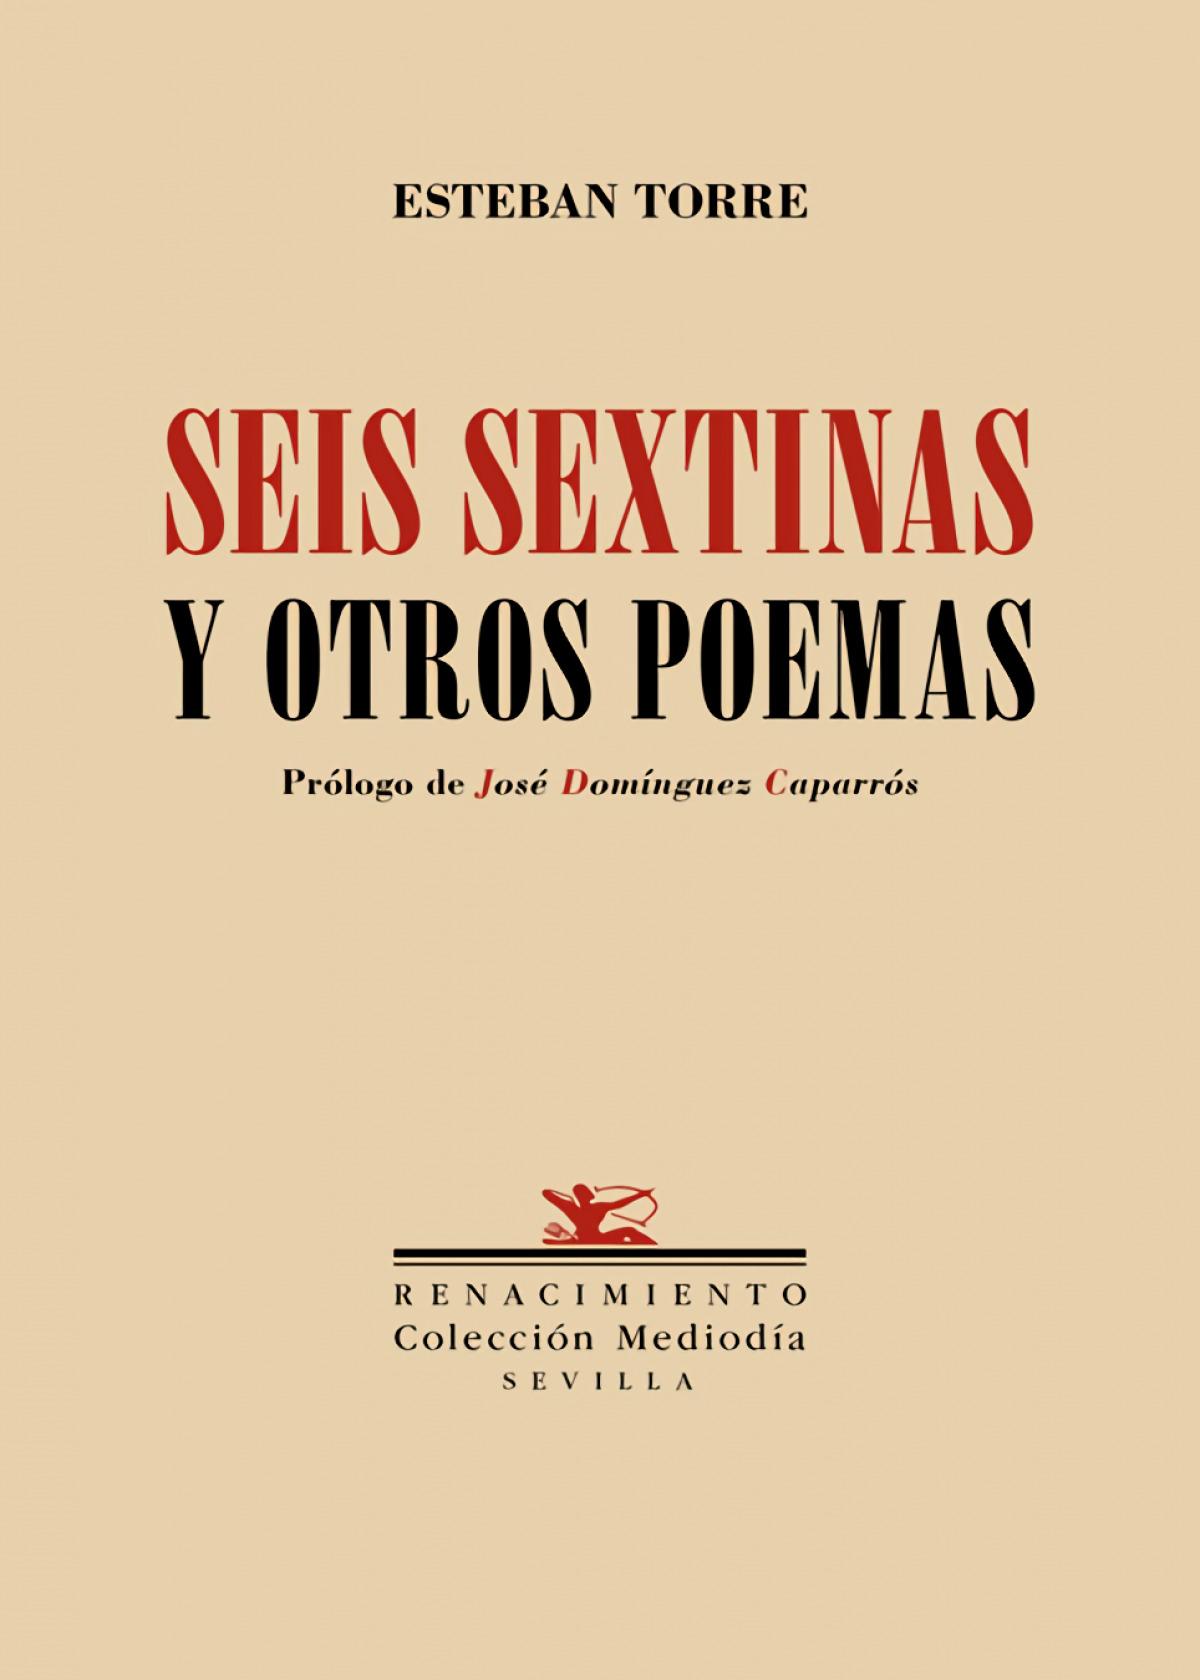 Seis sextinas y otros poemas